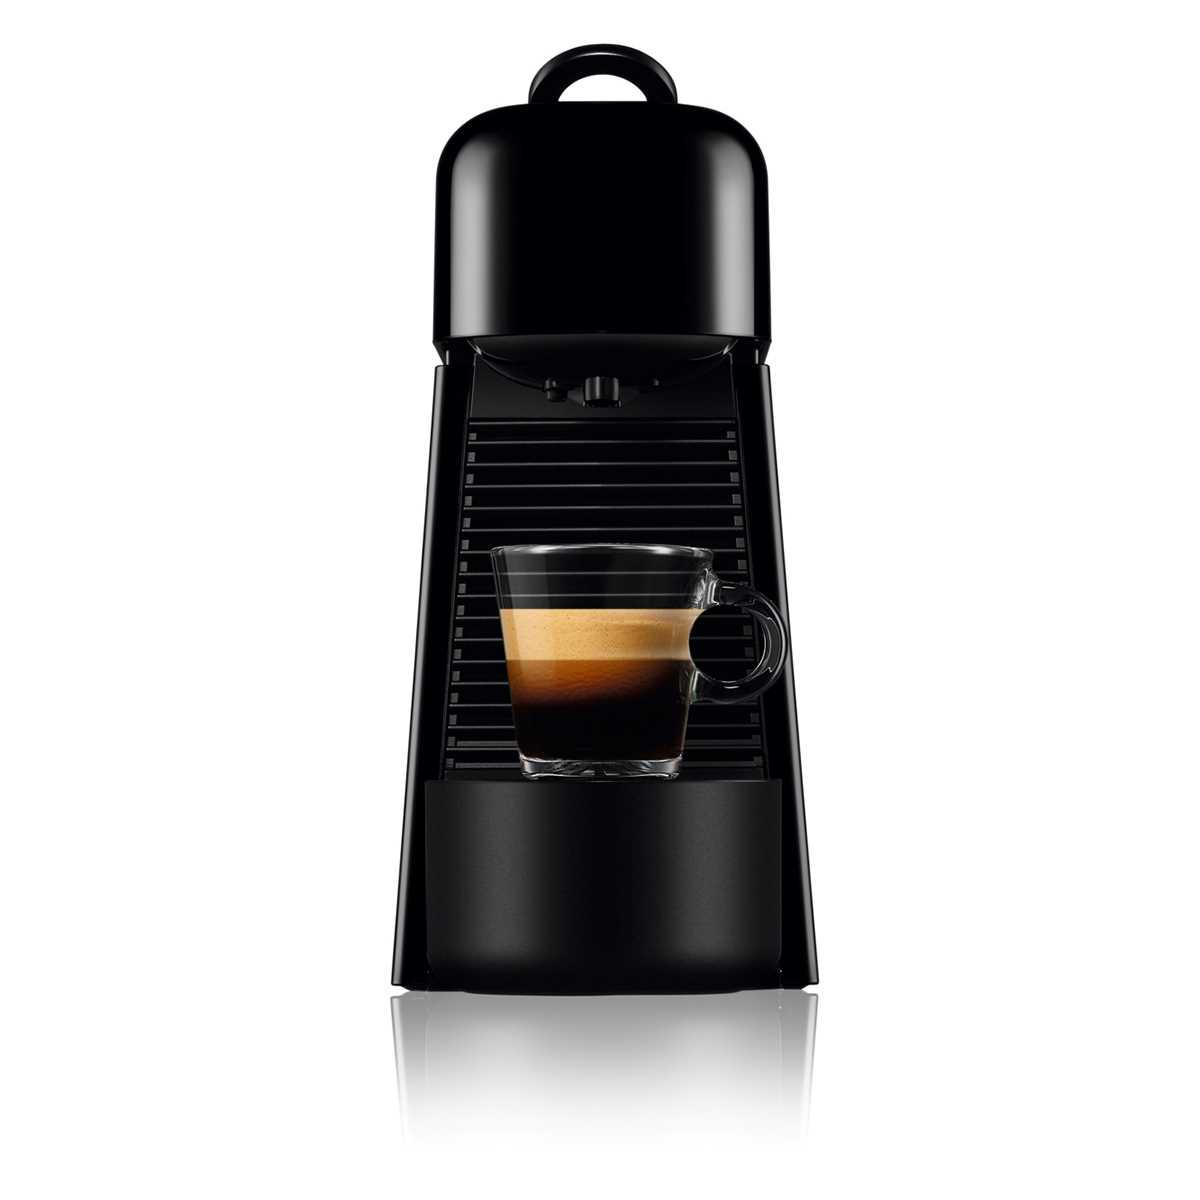 מכונת אספרסו Nespresso Essenza D45 Plus נספרסו כולל מקצף חלב - תמונה 3